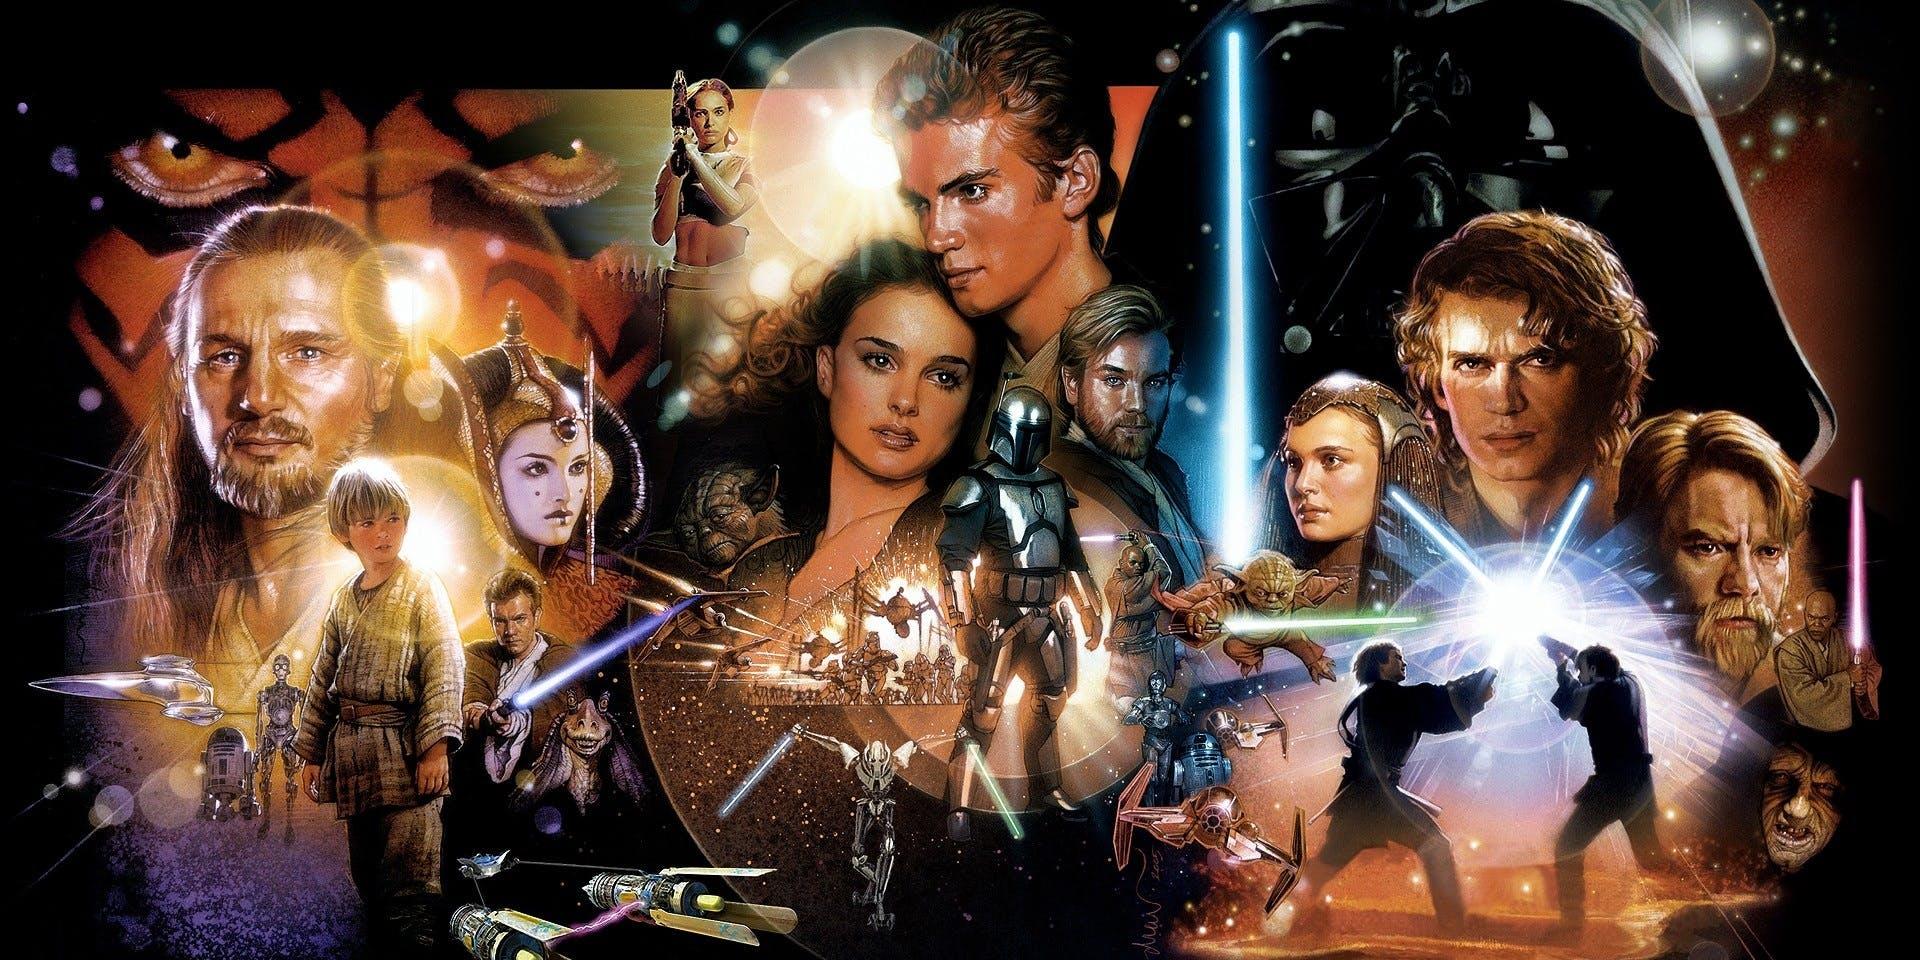 Star-Wars-Prequels-collage.jpg